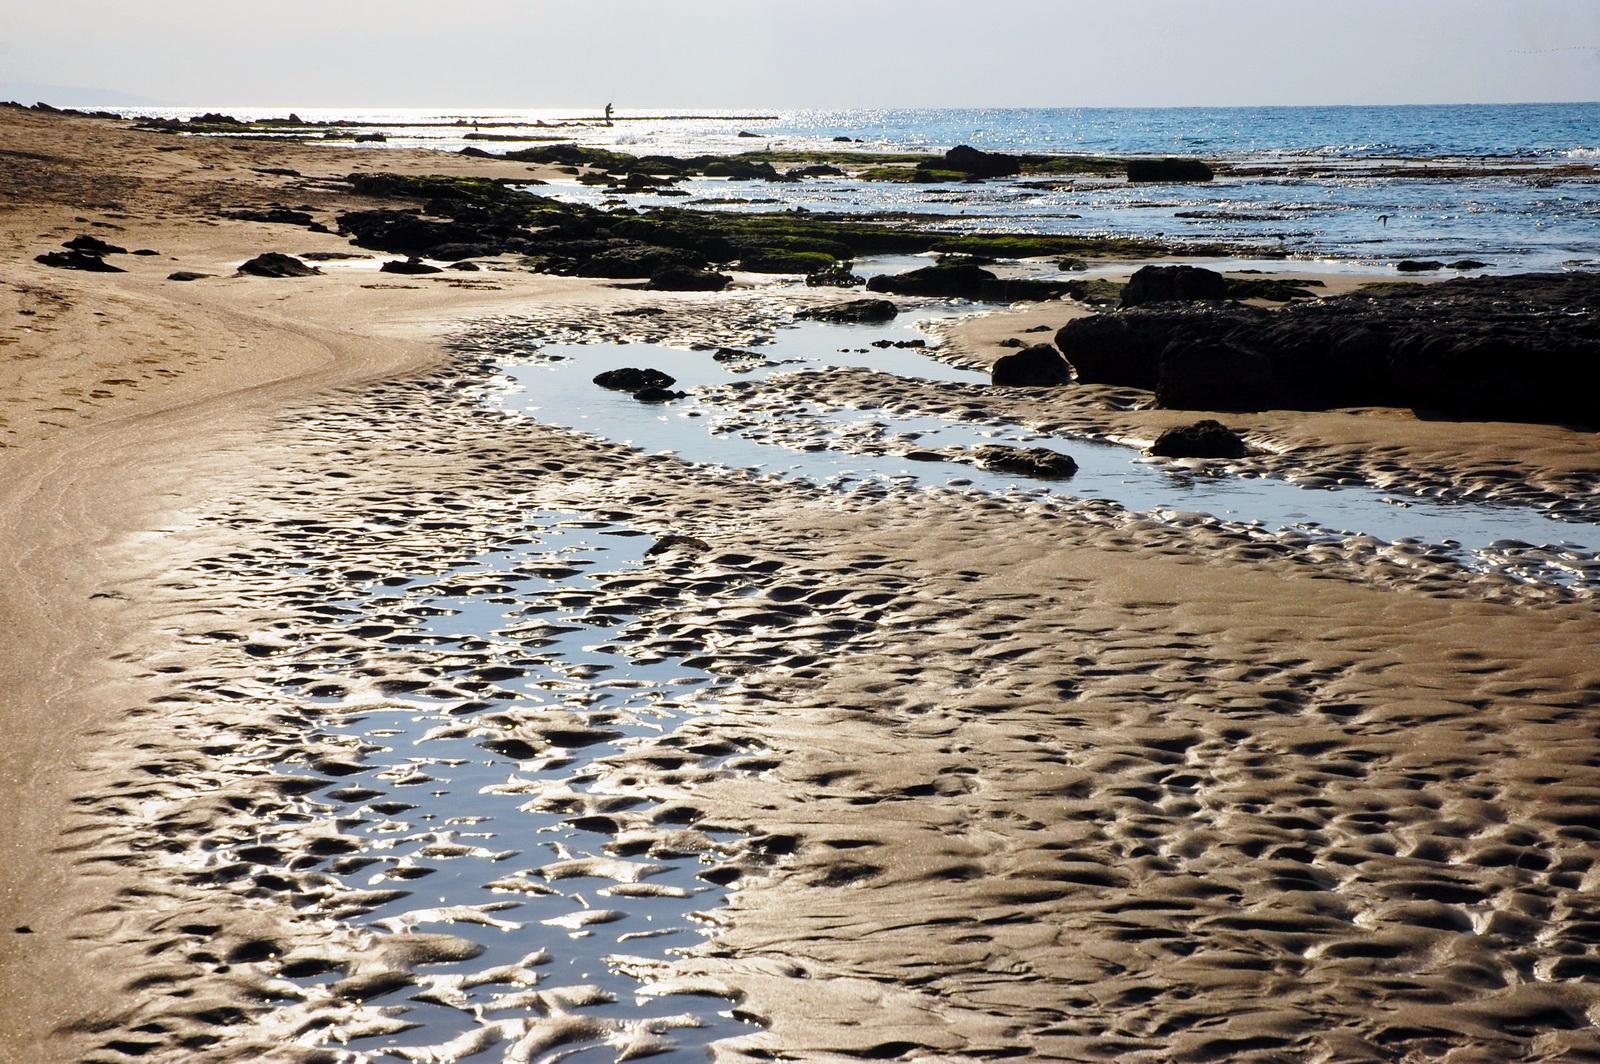 שלוליות בחוף הים